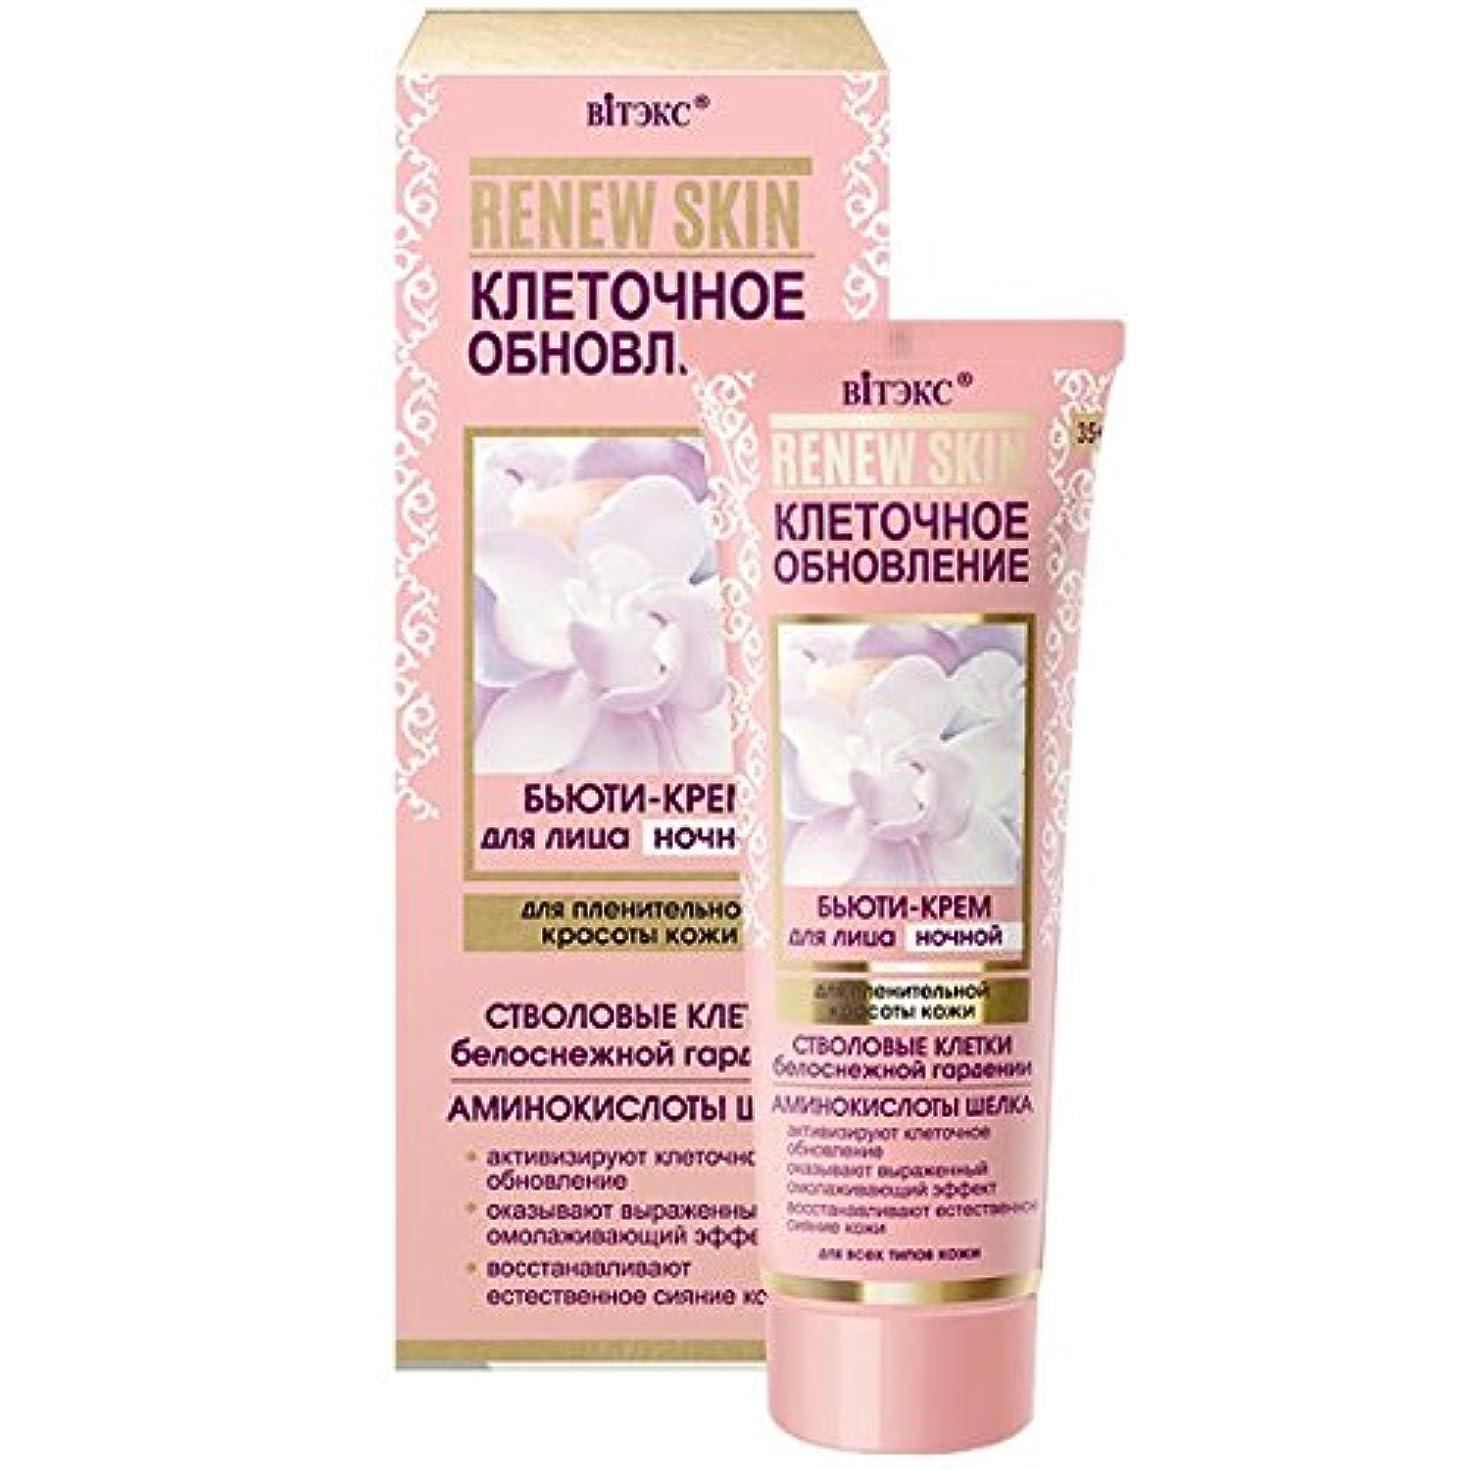 サイバースペースデータハンバーガーNight Cream For Face With Stem Cells Whitening Moisturizing Skin Care Night Cream Face Cream Instantly